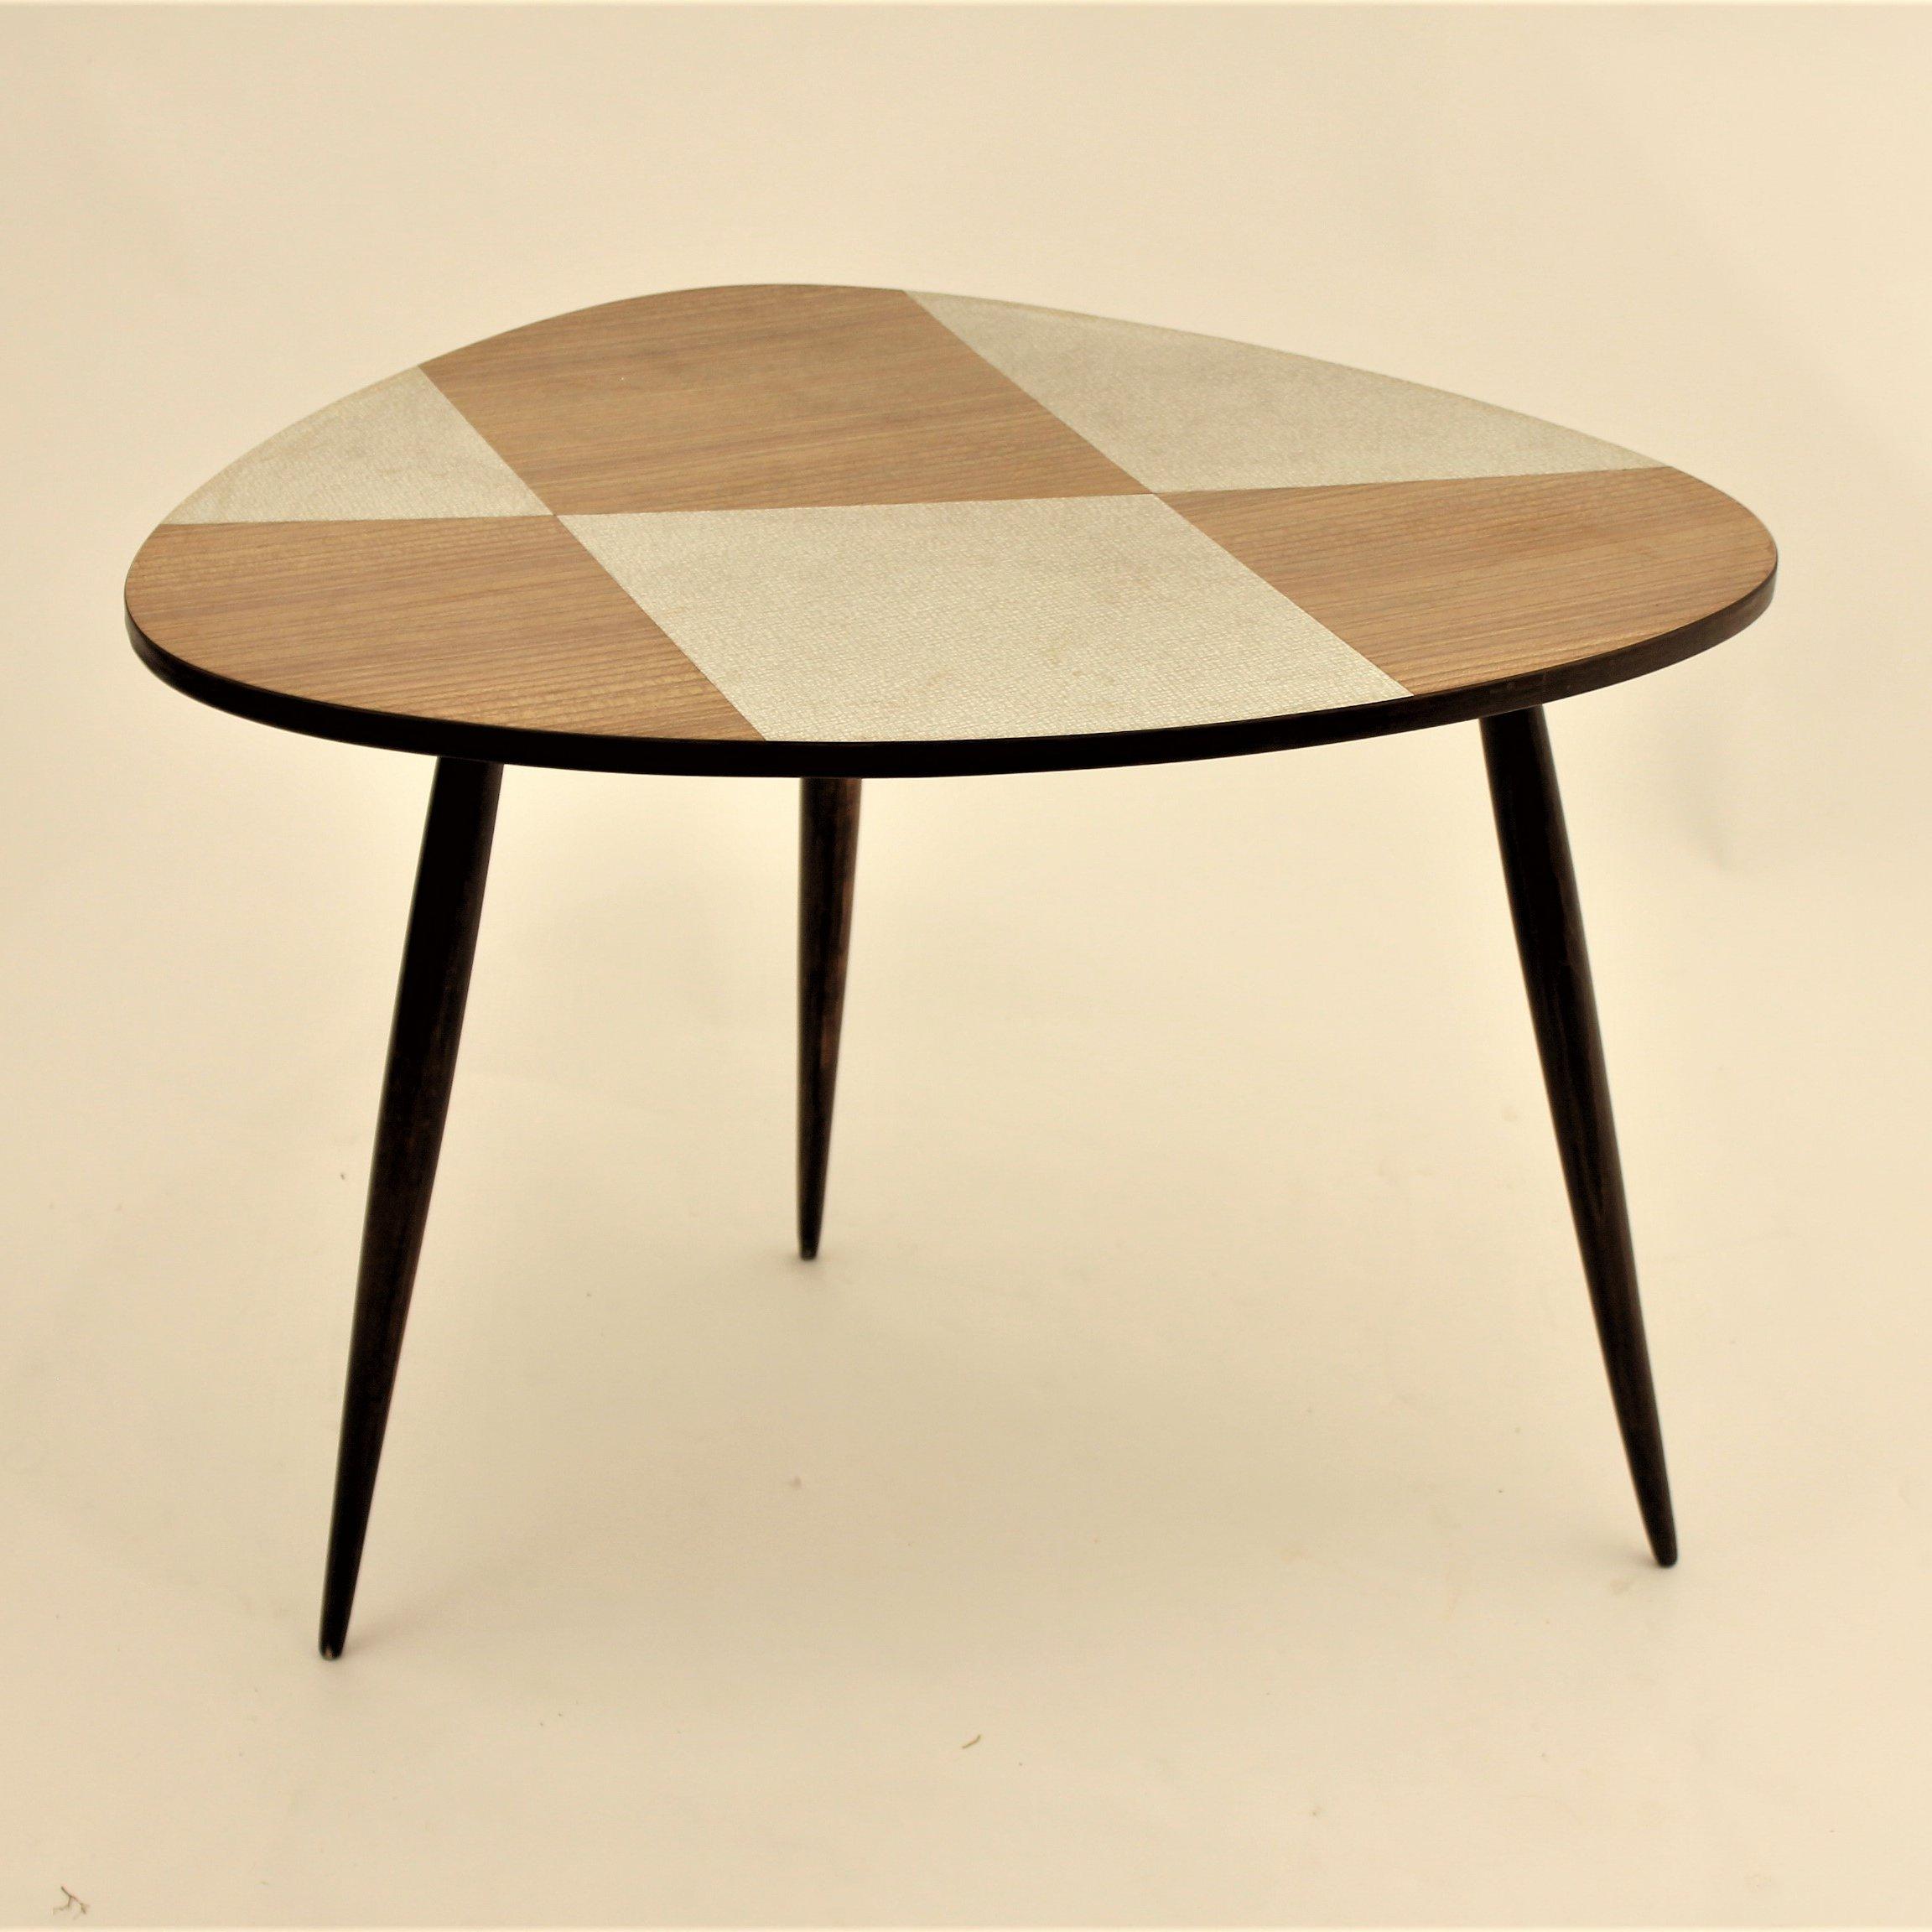 organic shaped wood formica tripod